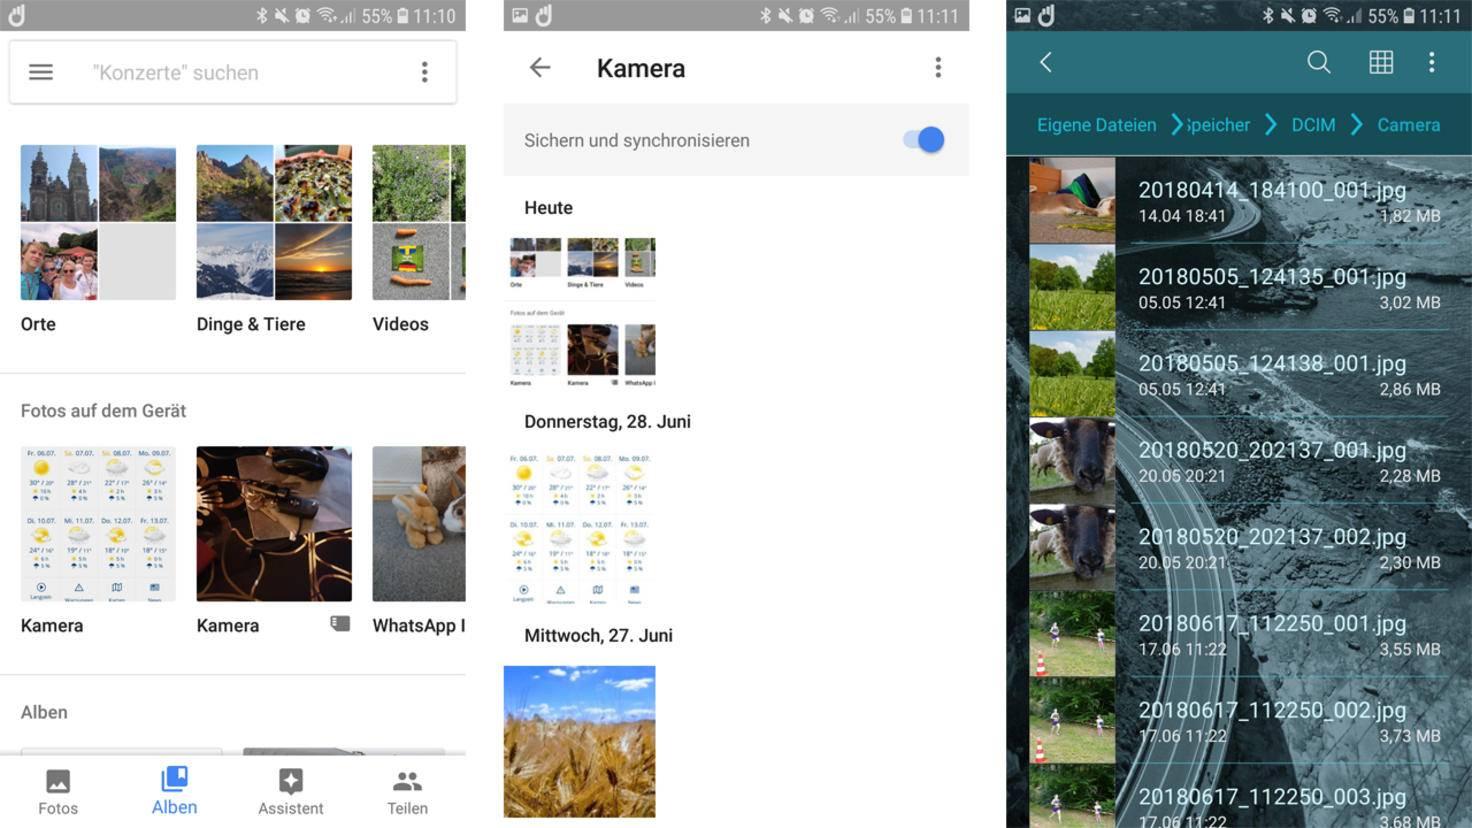 Android aufraeumen Fotos loeschen